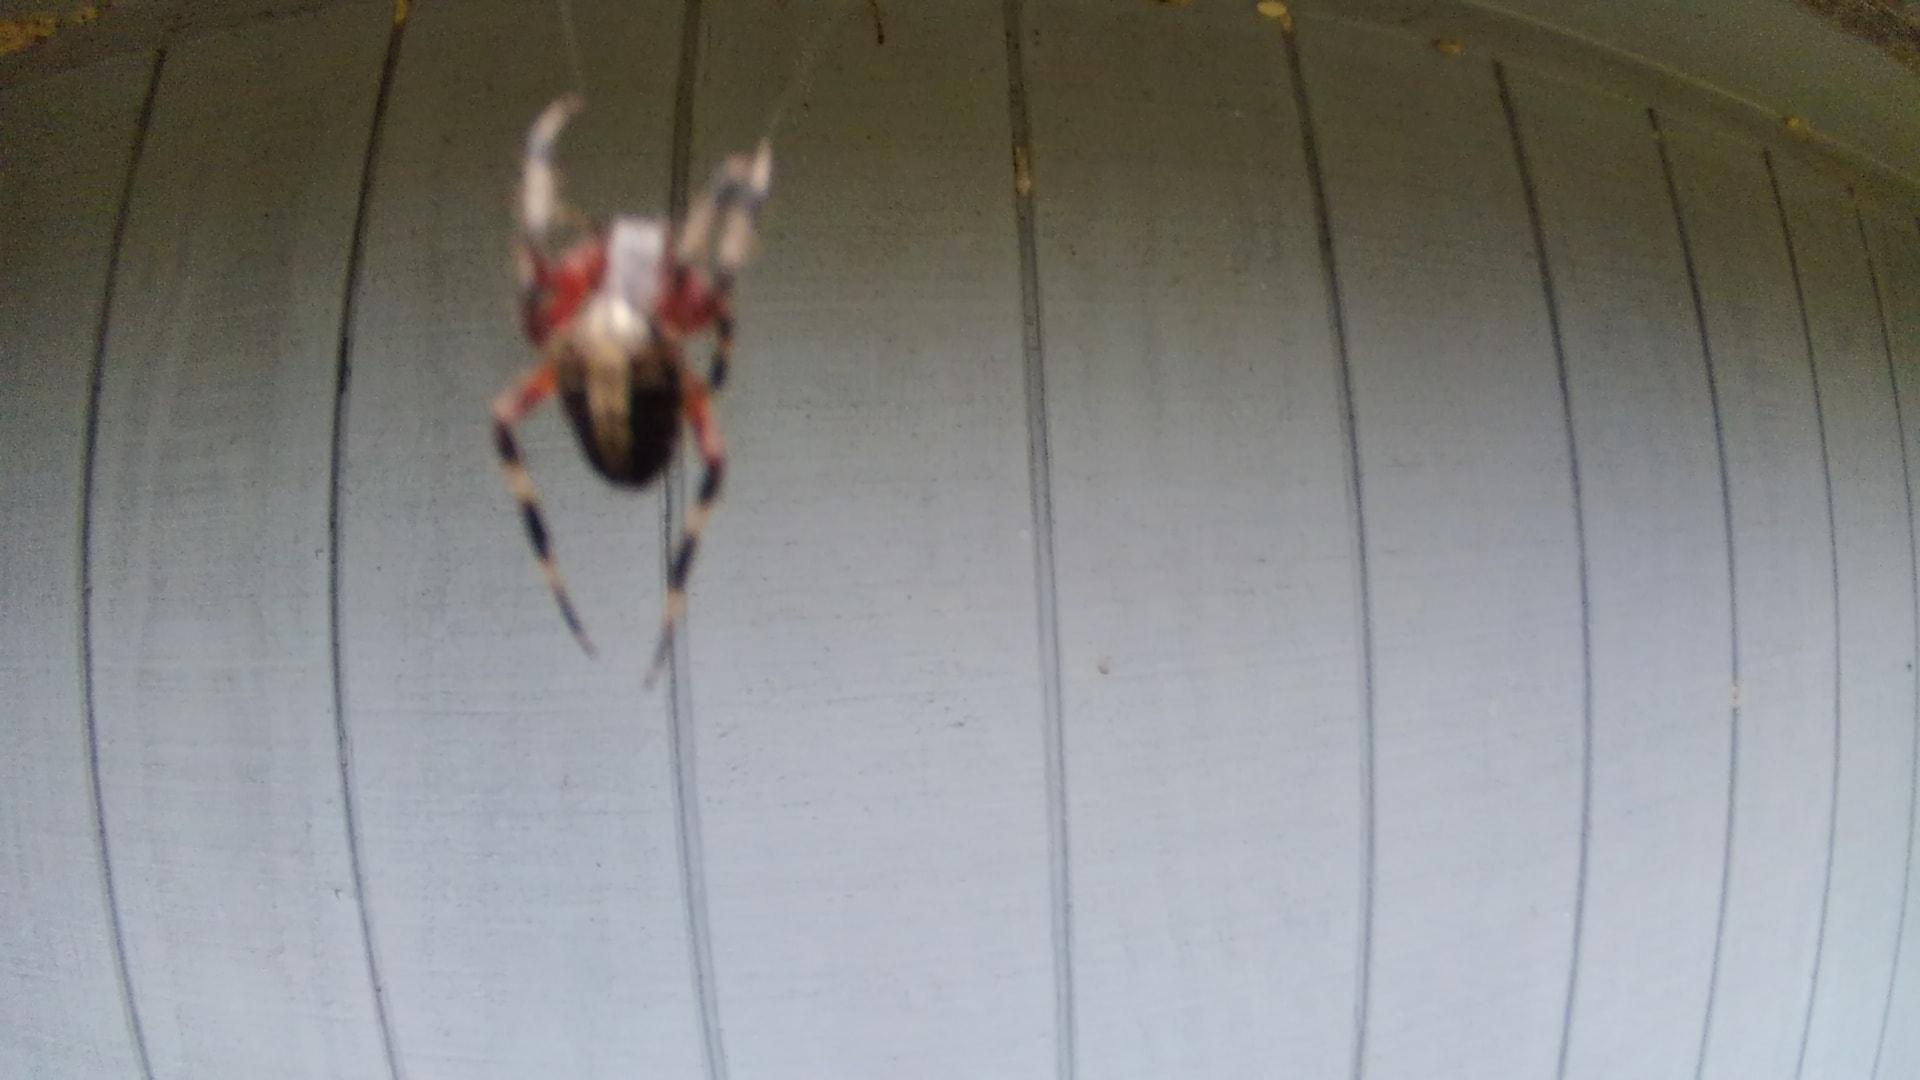 Picture of Neoscona domiciliorum (Spotted Orb-weaver) - Dorsal